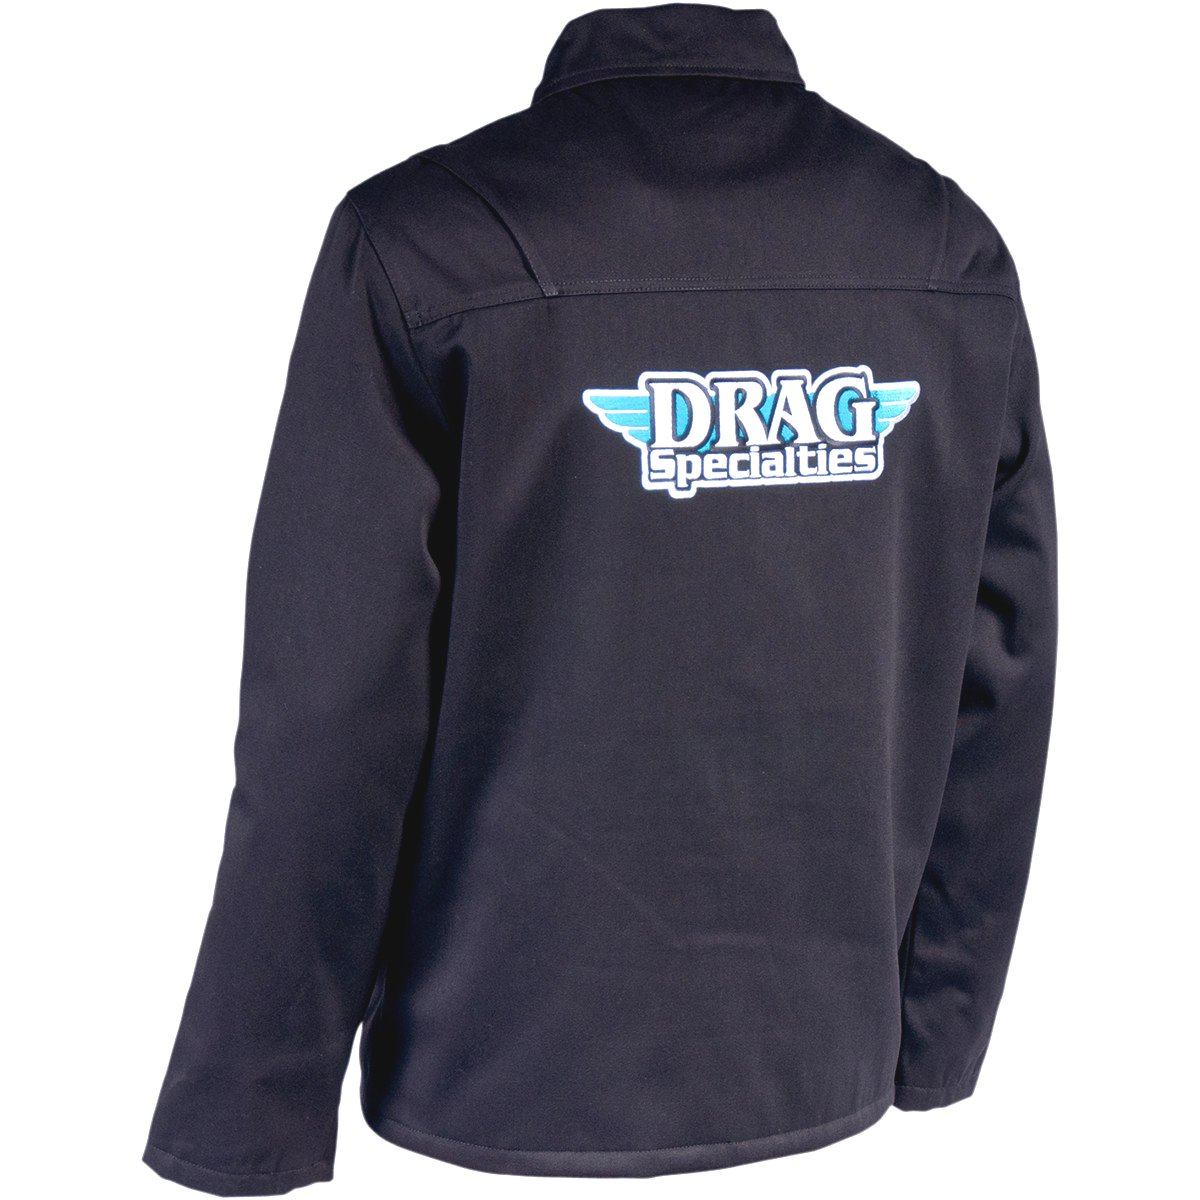 【USA在庫あり】 スロットルスレッズ Throttle Threads ショップジャケット Drag Specialties 黒 3XLサイズ 3001-0264 JP店